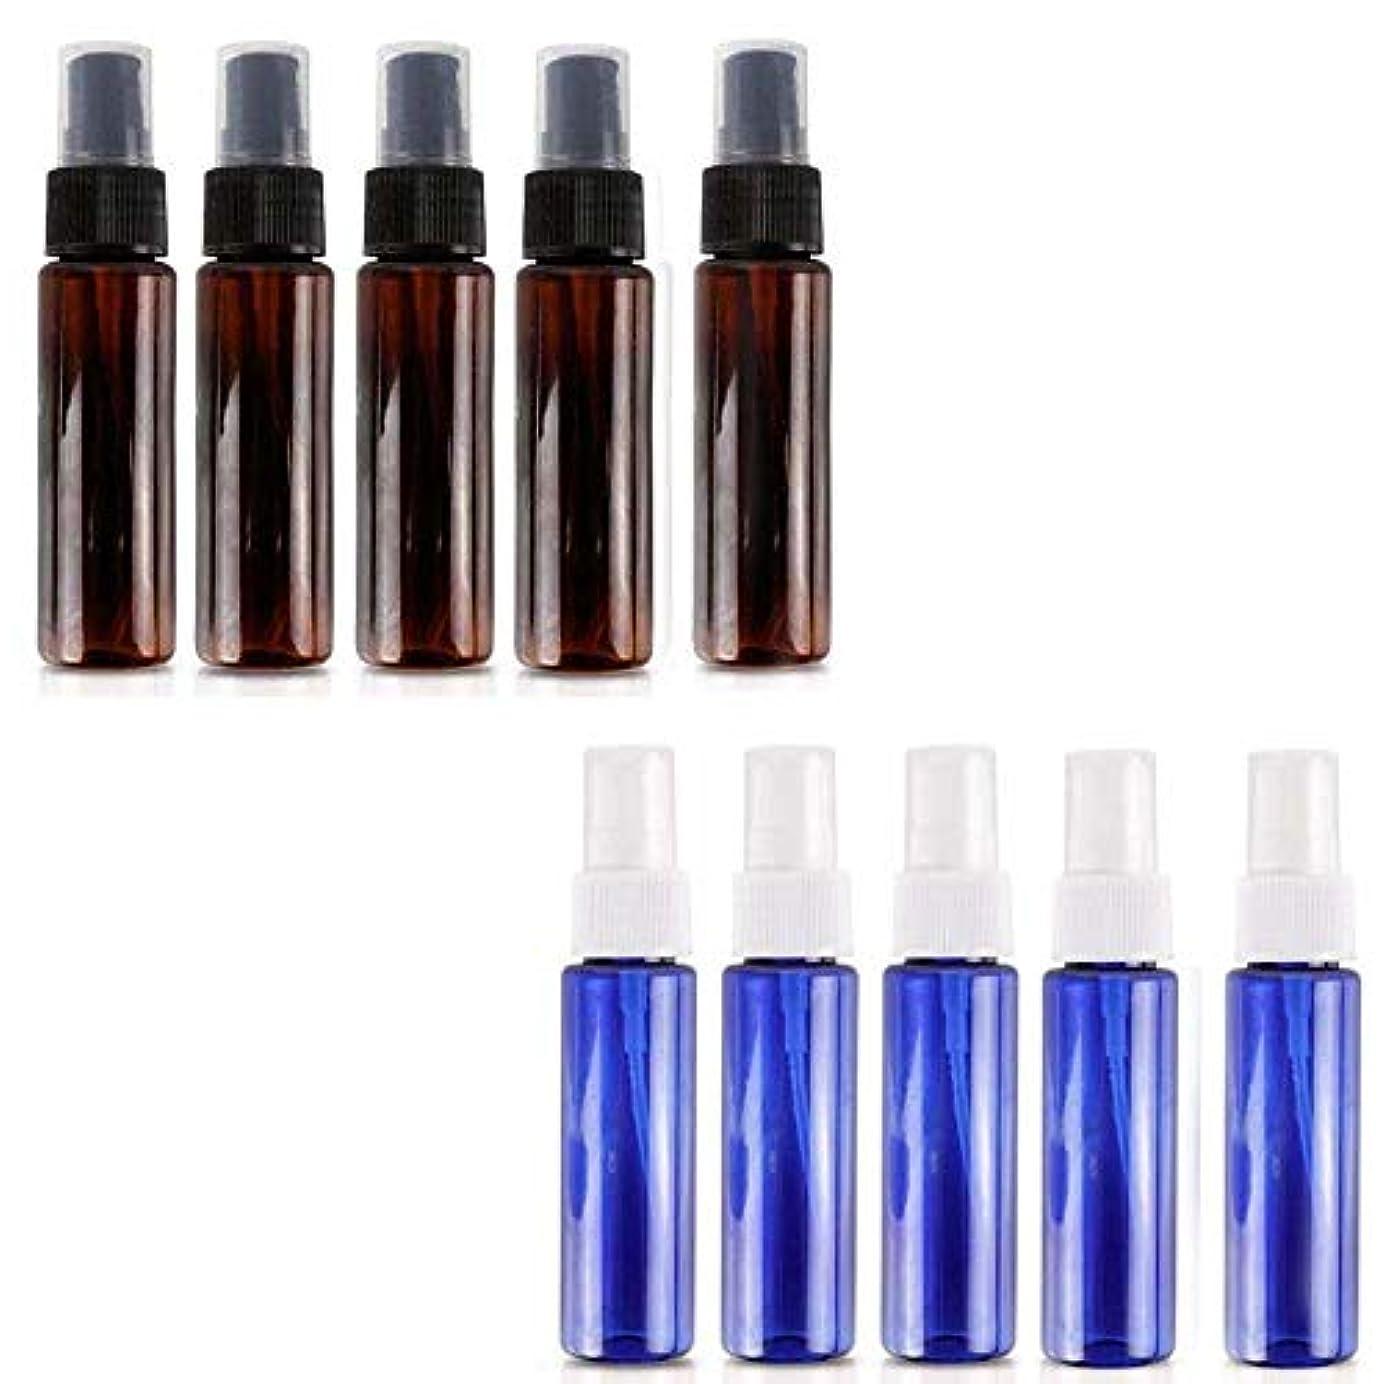 知事伝導率ラダMilent スプレー容器 スプレーボトル30ML 遮光瓶スプレー 10本 アロマ虫除けスプレー プラスチック製